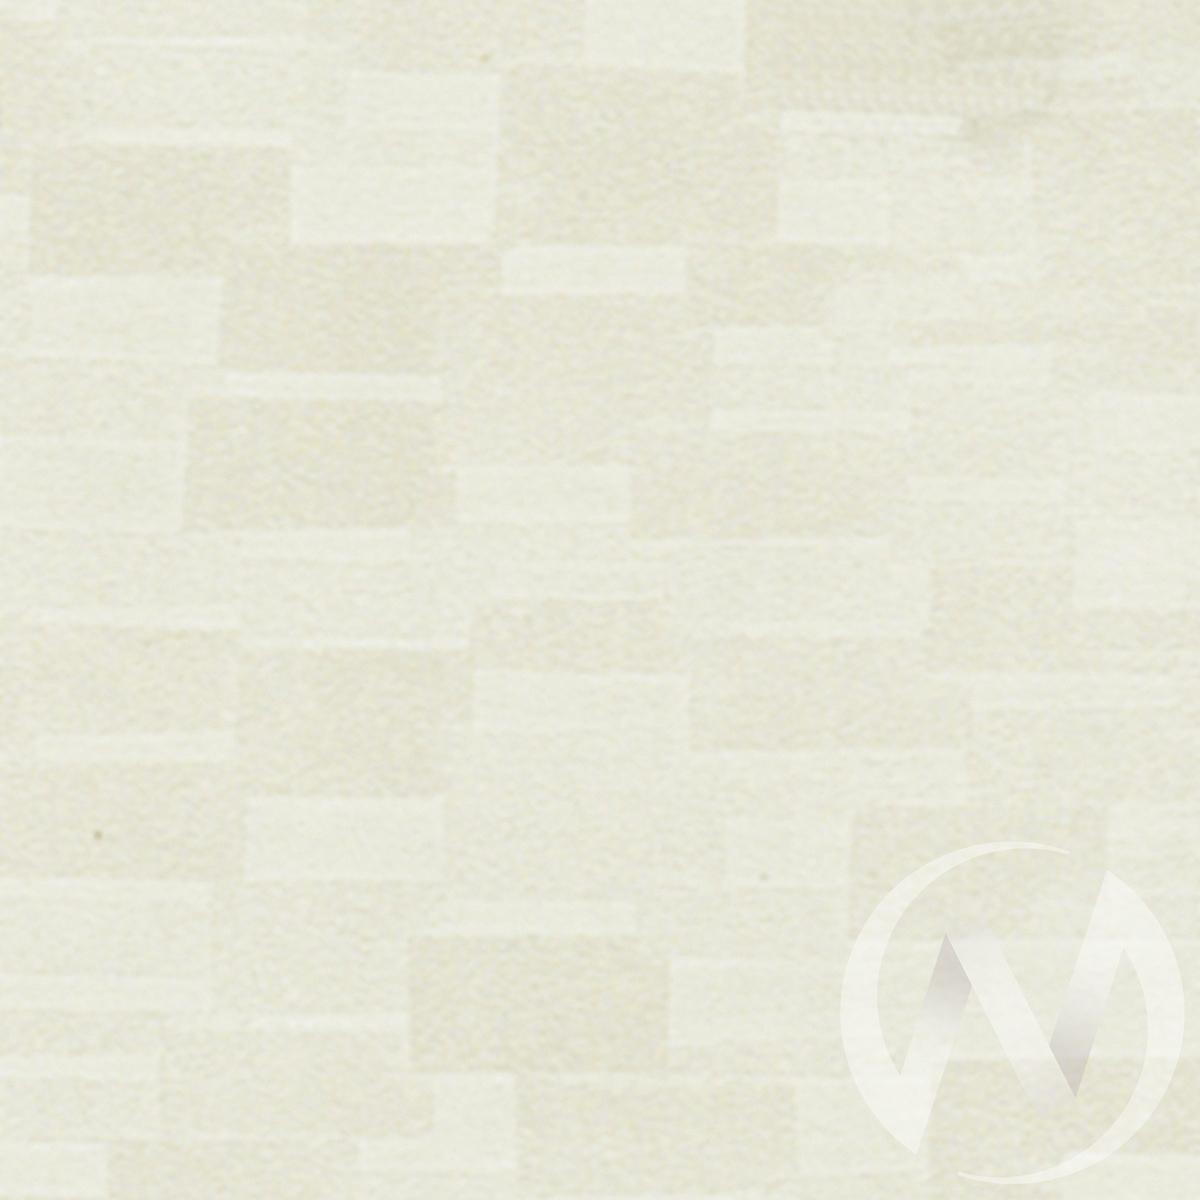 Кромка для столешницы с/к 3000*32мм (№ 38 глянец белый перламутр)  в Томске — интернет магазин МИРА-мебель